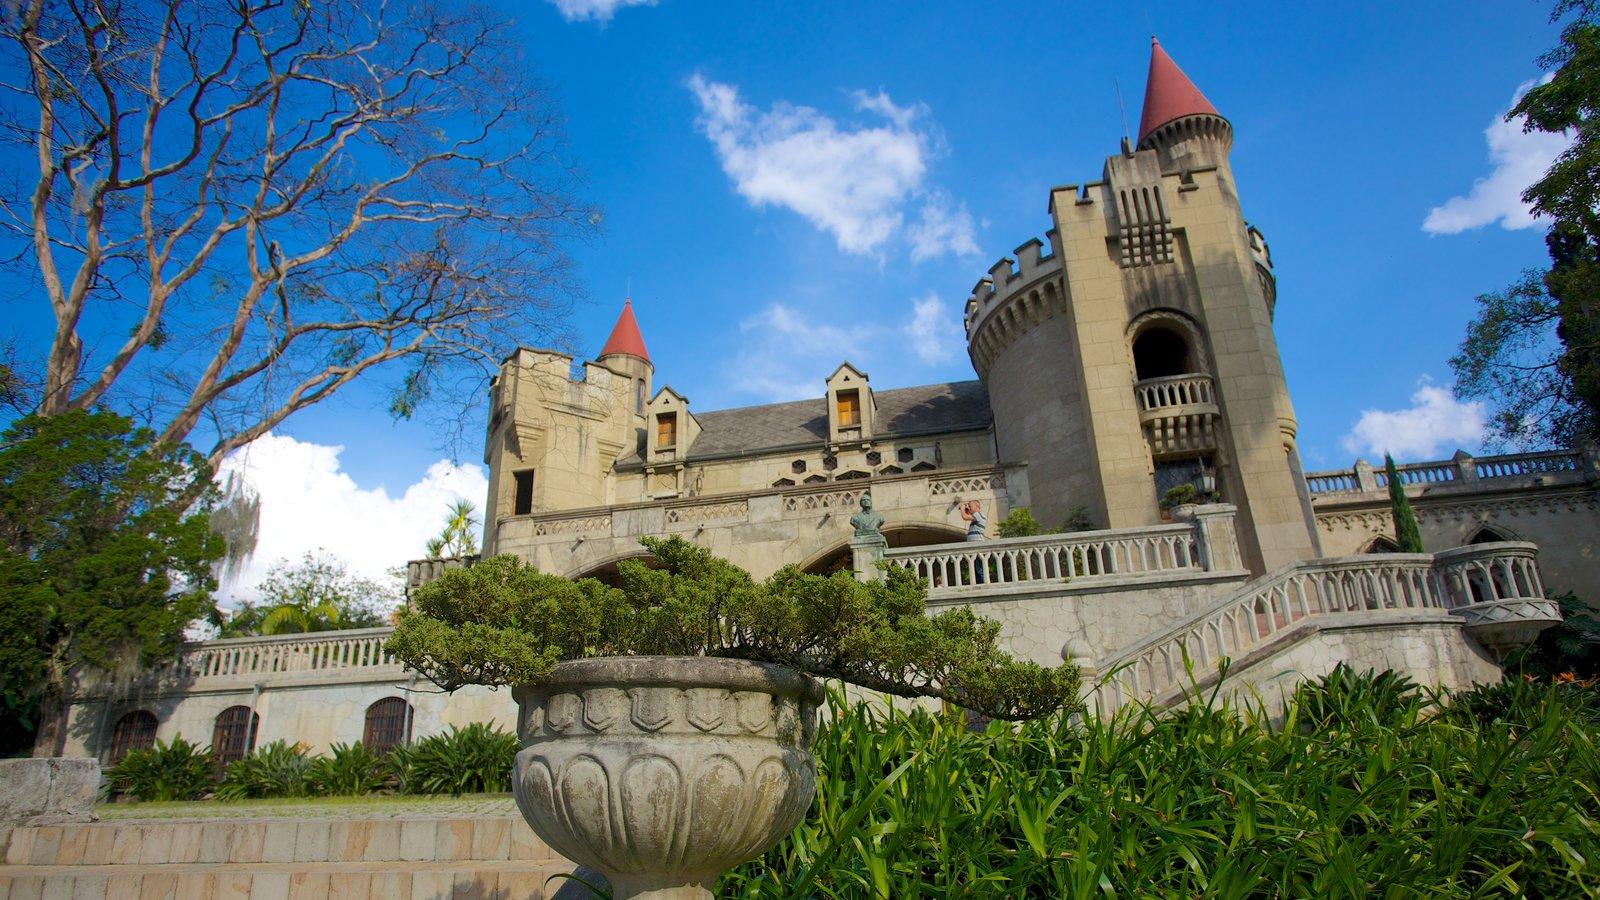 Museo El Castillo mostrando arquitetura de patrimônio e um pequeno castelo ou palácio